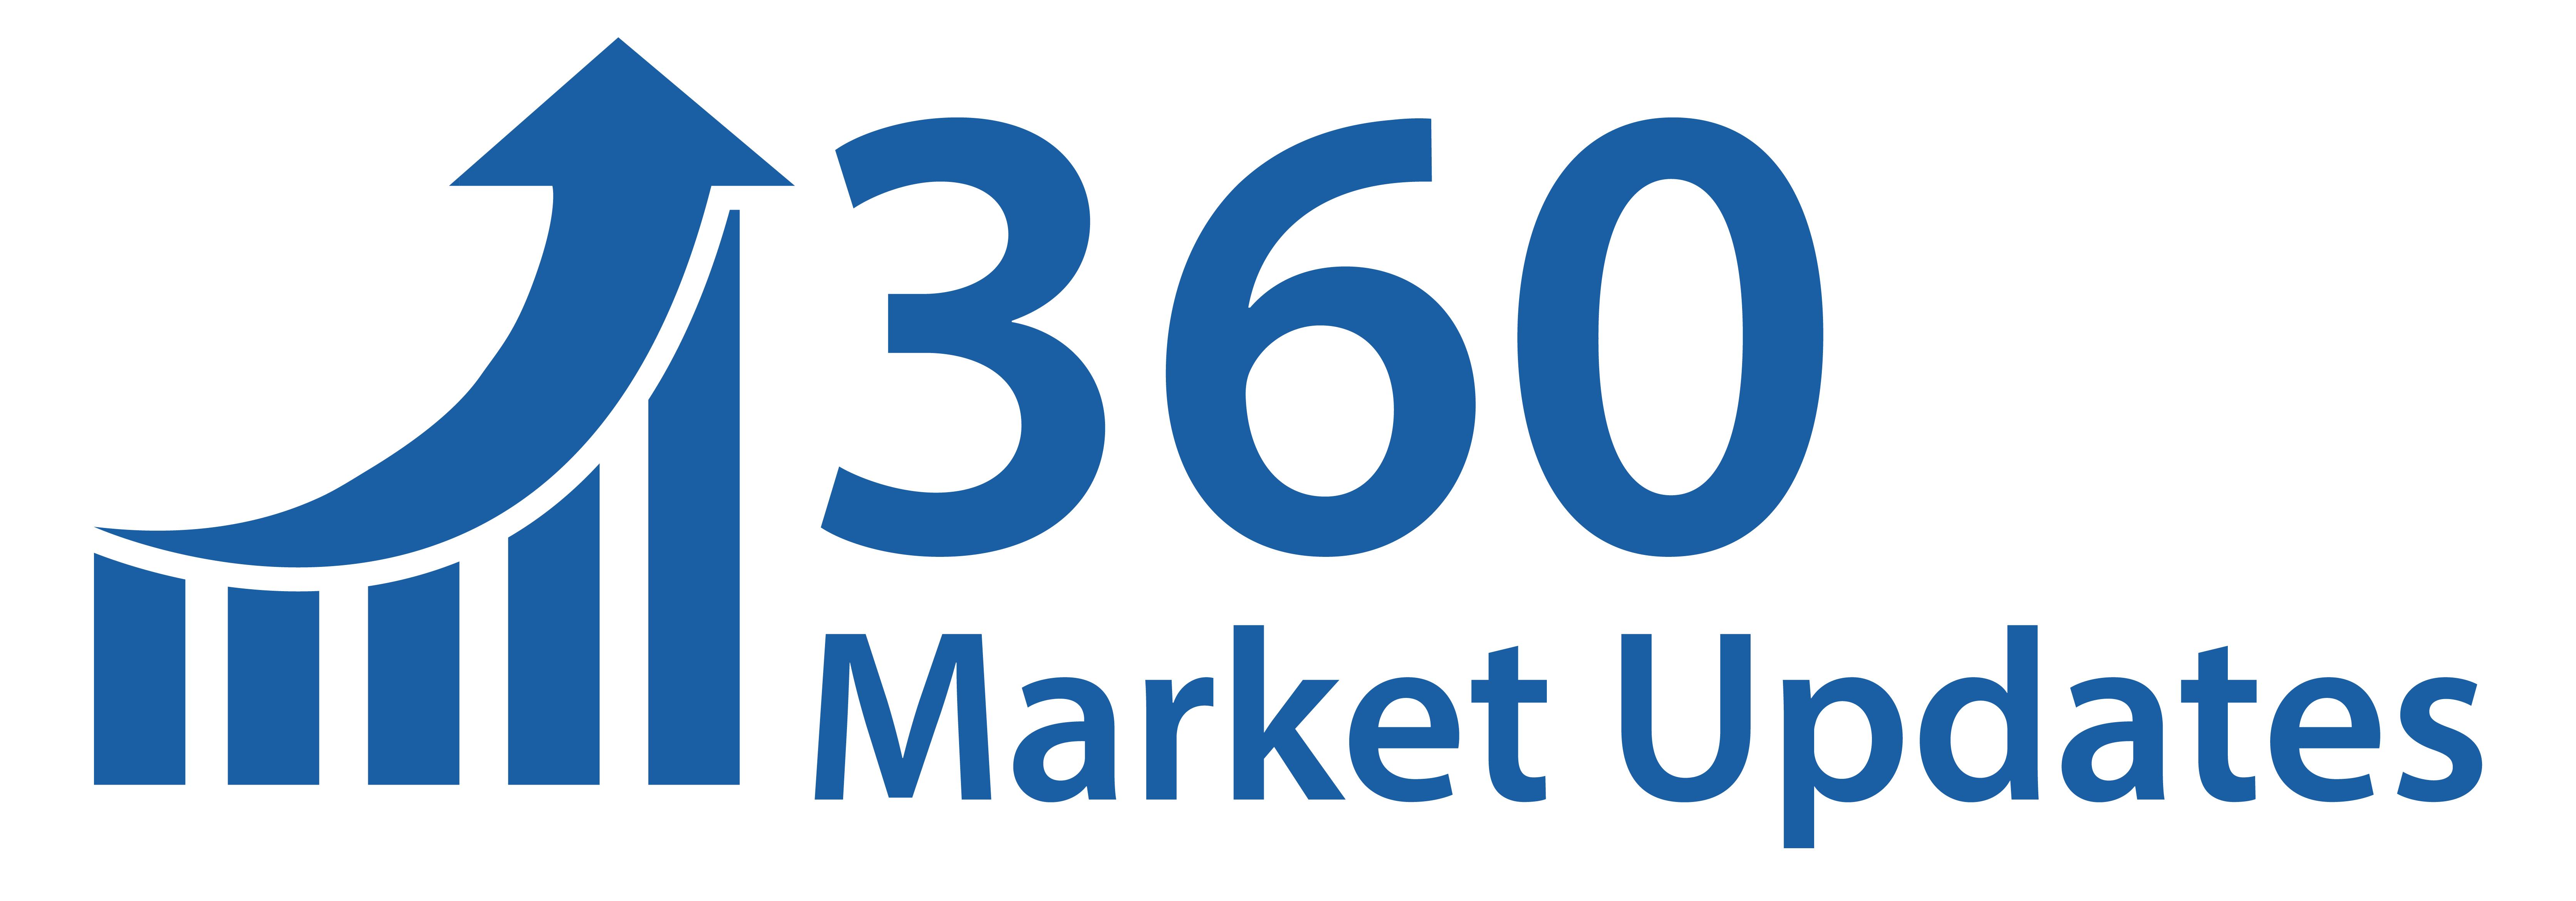 Global Agricultural Balers Market 2020 Rapport comprend les conducteurs, les contraintes, les possibilités, l'analyse des menaces et les prévisions pour 2025 - Dit 360marketupdates.com